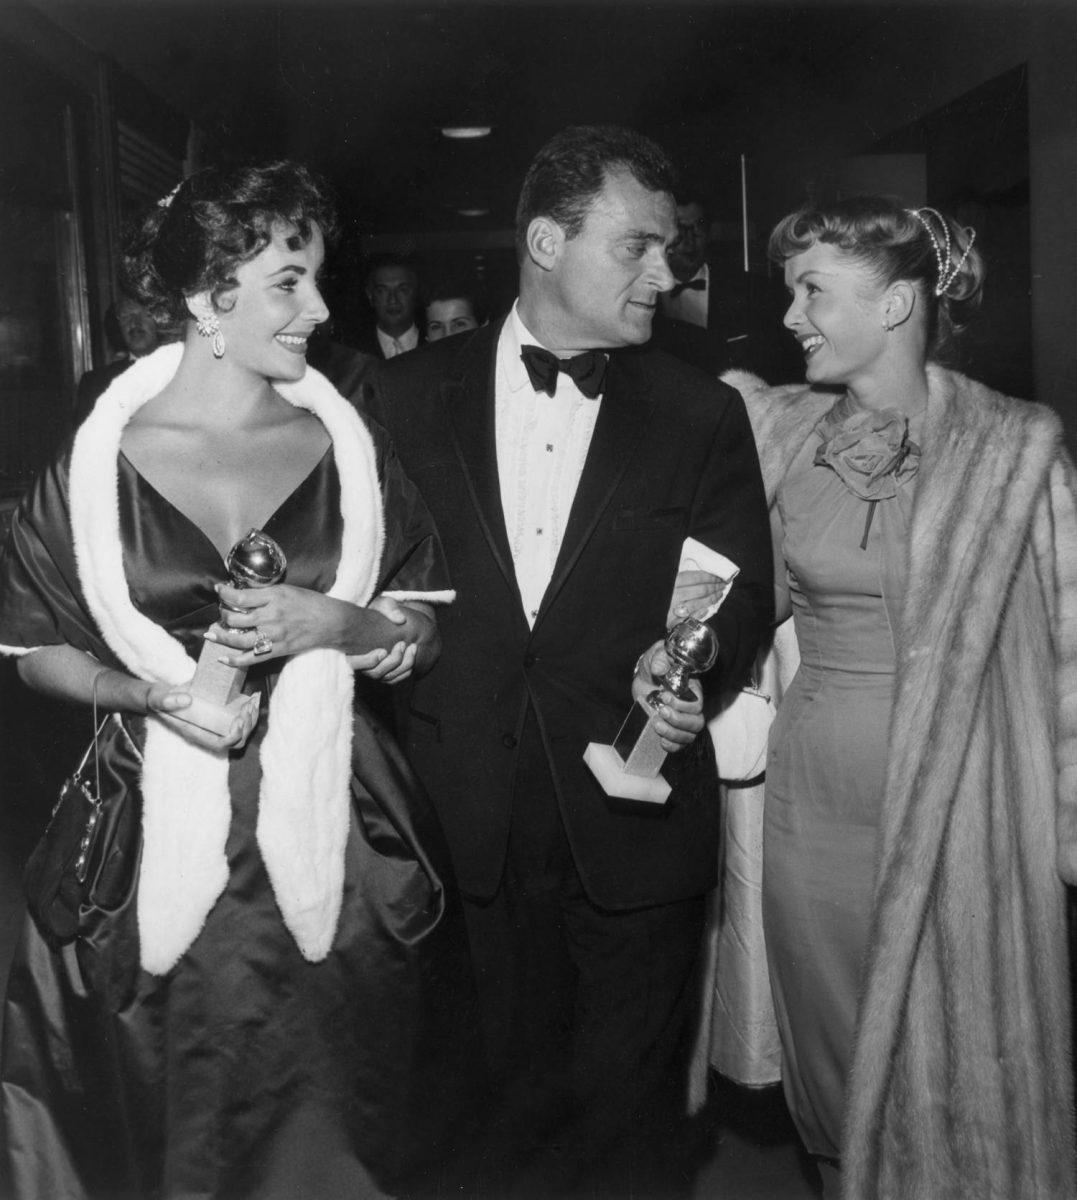 De gauche à droite, l'acteur d'origine britannique Elizabeth Taylor et son mari, le producteur de cinéma Mike Todd (1909-1958), décernent leurs Golden Globe Awards en marchant avec l'acteur américain Debbie Reynolds au dîner de remise des prix de la Hollywood Foreign Press Association à Los Angeles.  Taylor a remporté un prix spécial pour ses performances constantes et Todd a produit le film de Michael Anderson en 1957, «Autour du monde en quatre-vingt jours», qui a reçu le prix du meilleur film dramatique.